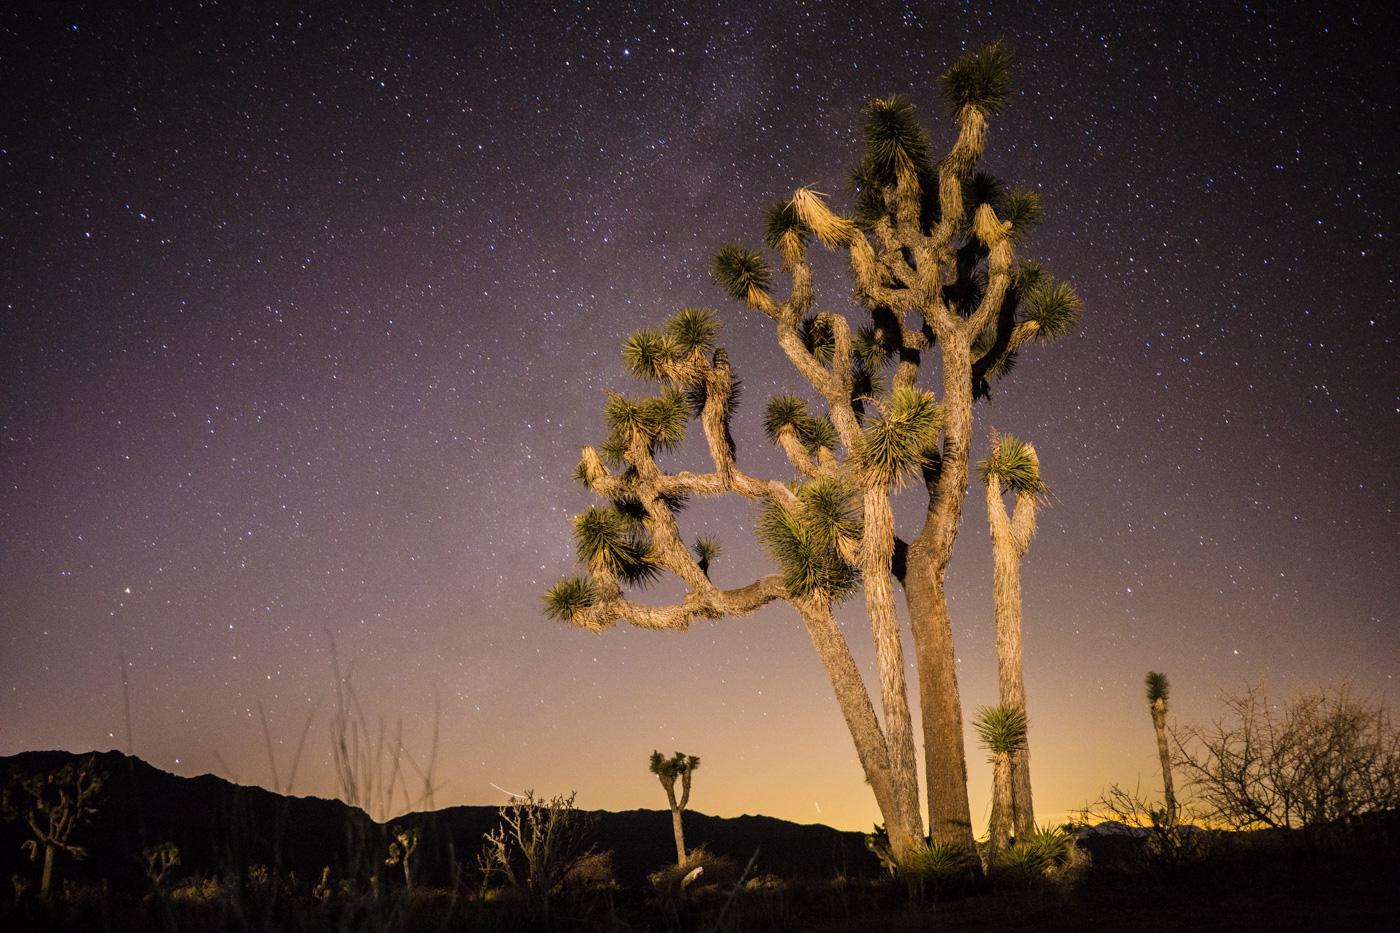 Sony a6000, Joshua Tree National Park, 20s, f/2.8, ISO 3200